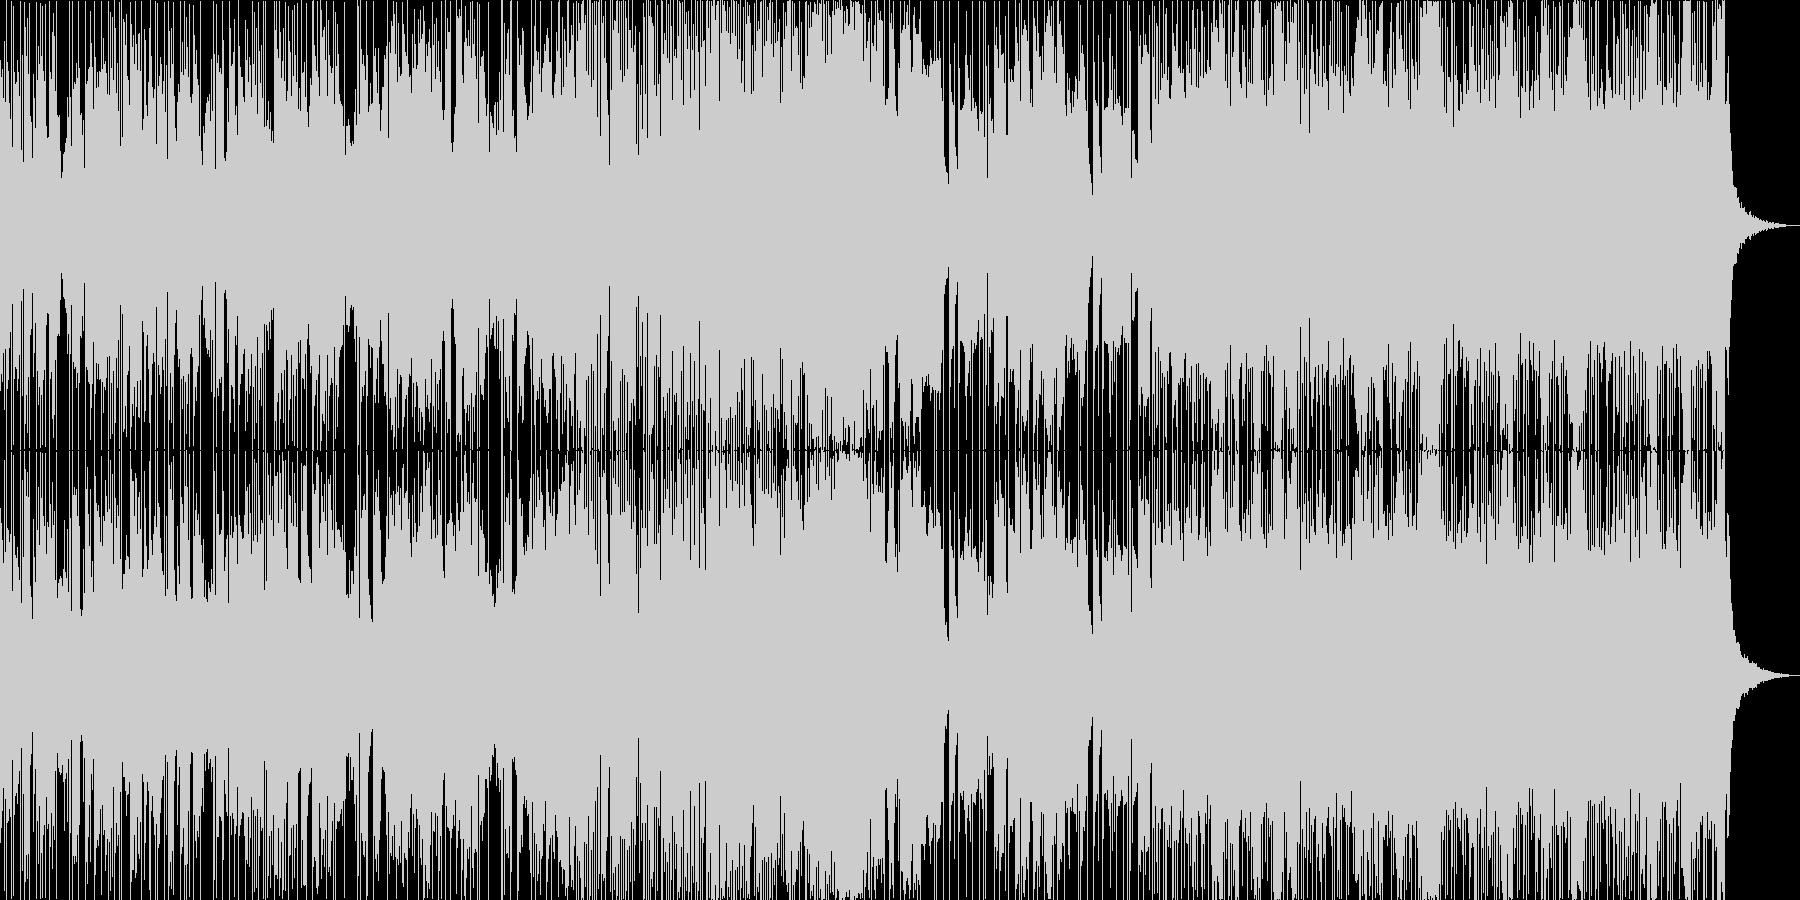 緊張感のあるエレクトロニカの未再生の波形